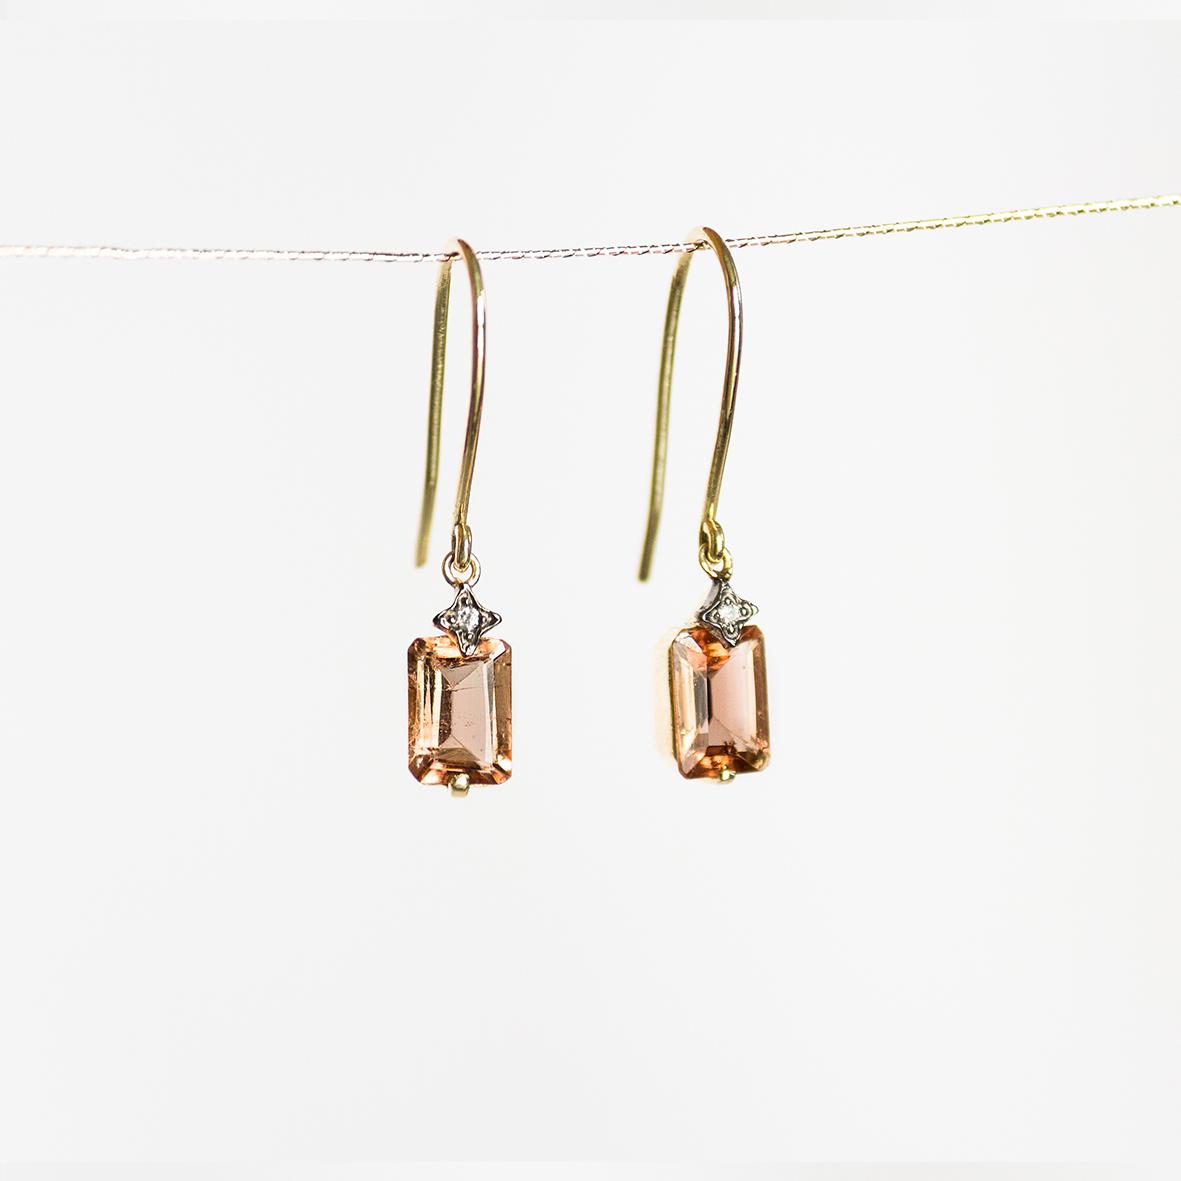 5.-OONA_philo_ficha1_tourmaline-emerald-earrings